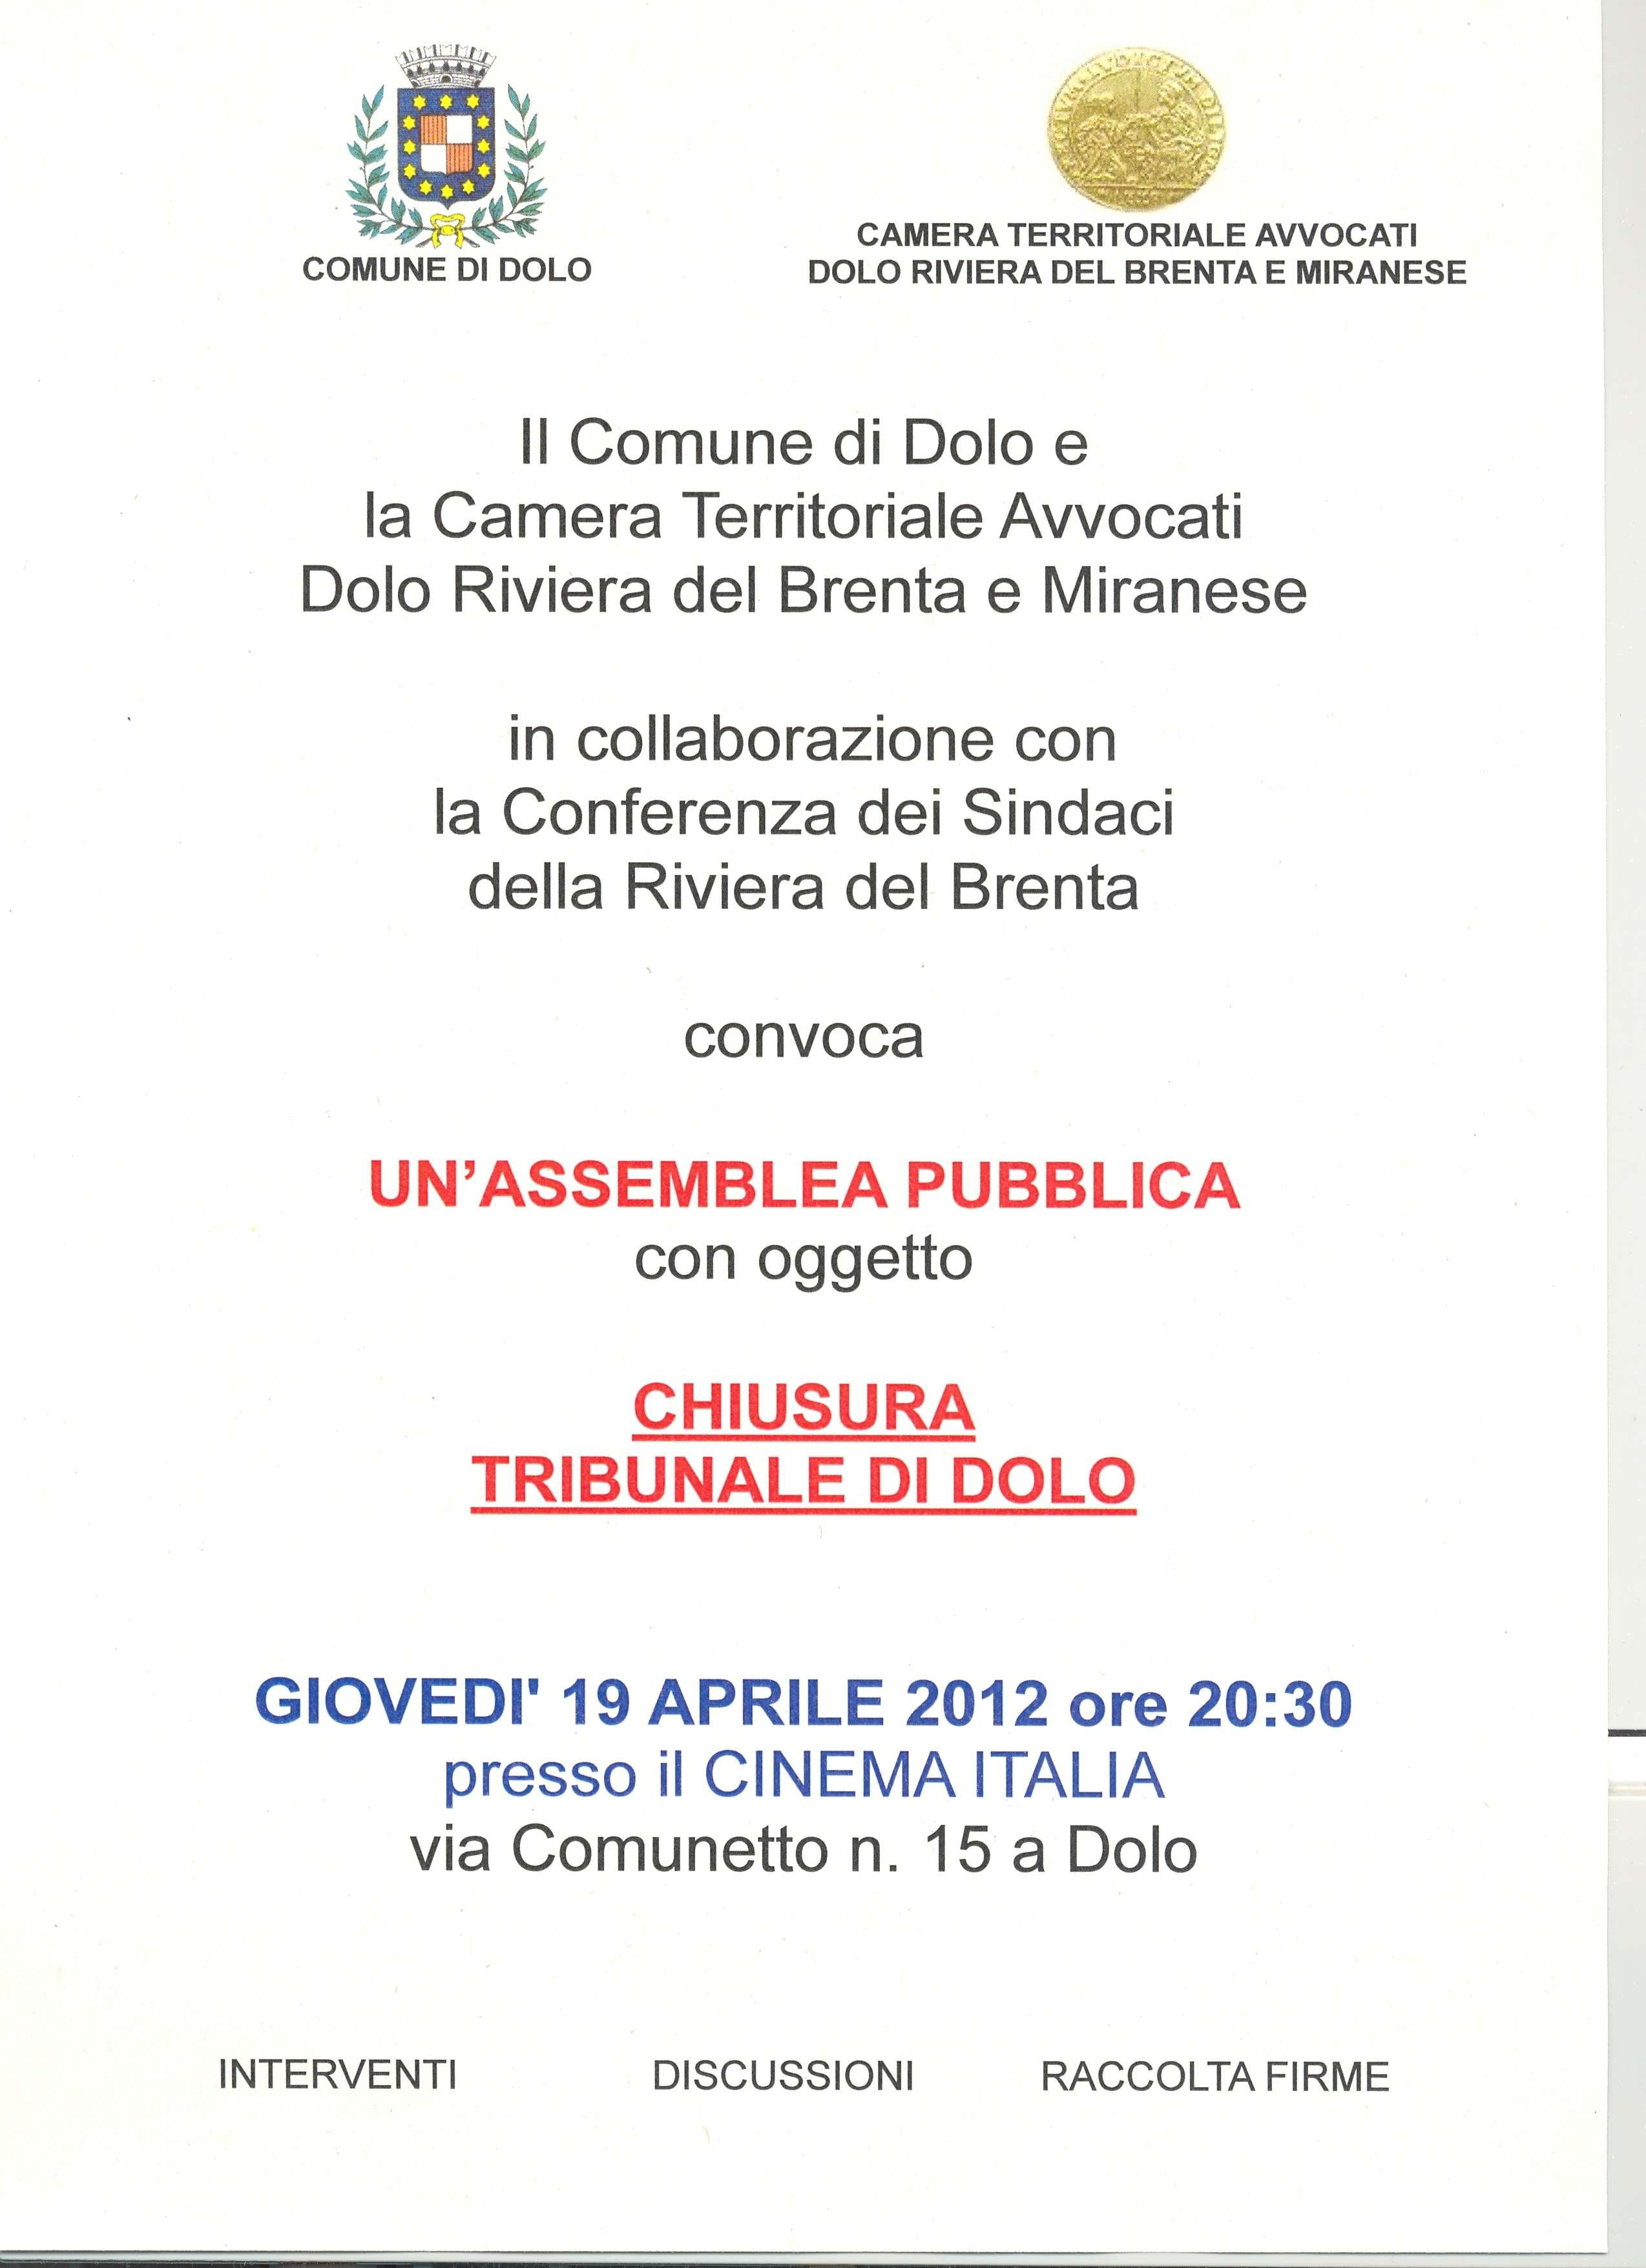 assembleaPubblicaTribDolo19_04_12.JPG